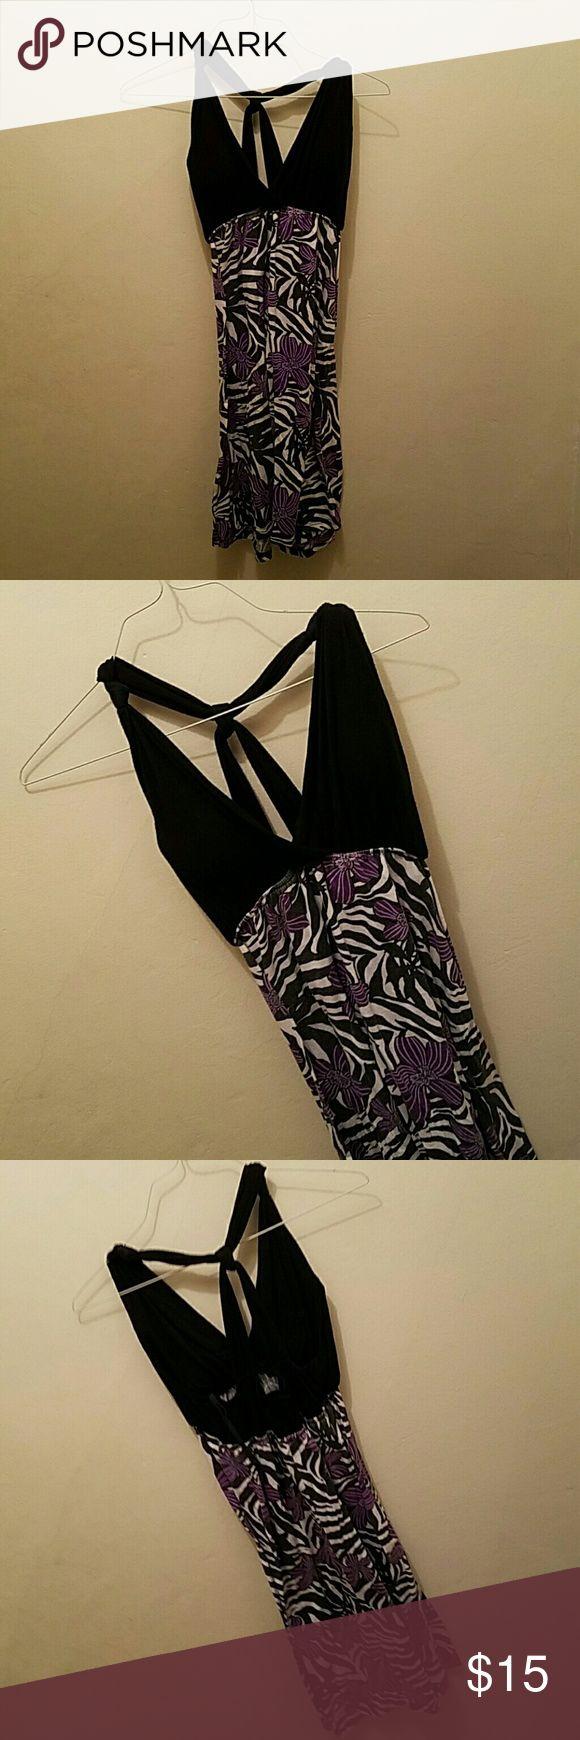 Vanity Purple Floral Zebra Print Spring Dress Vanity Purple Floral Zebra Print Spring Dress. Size large. Vanity Dresses